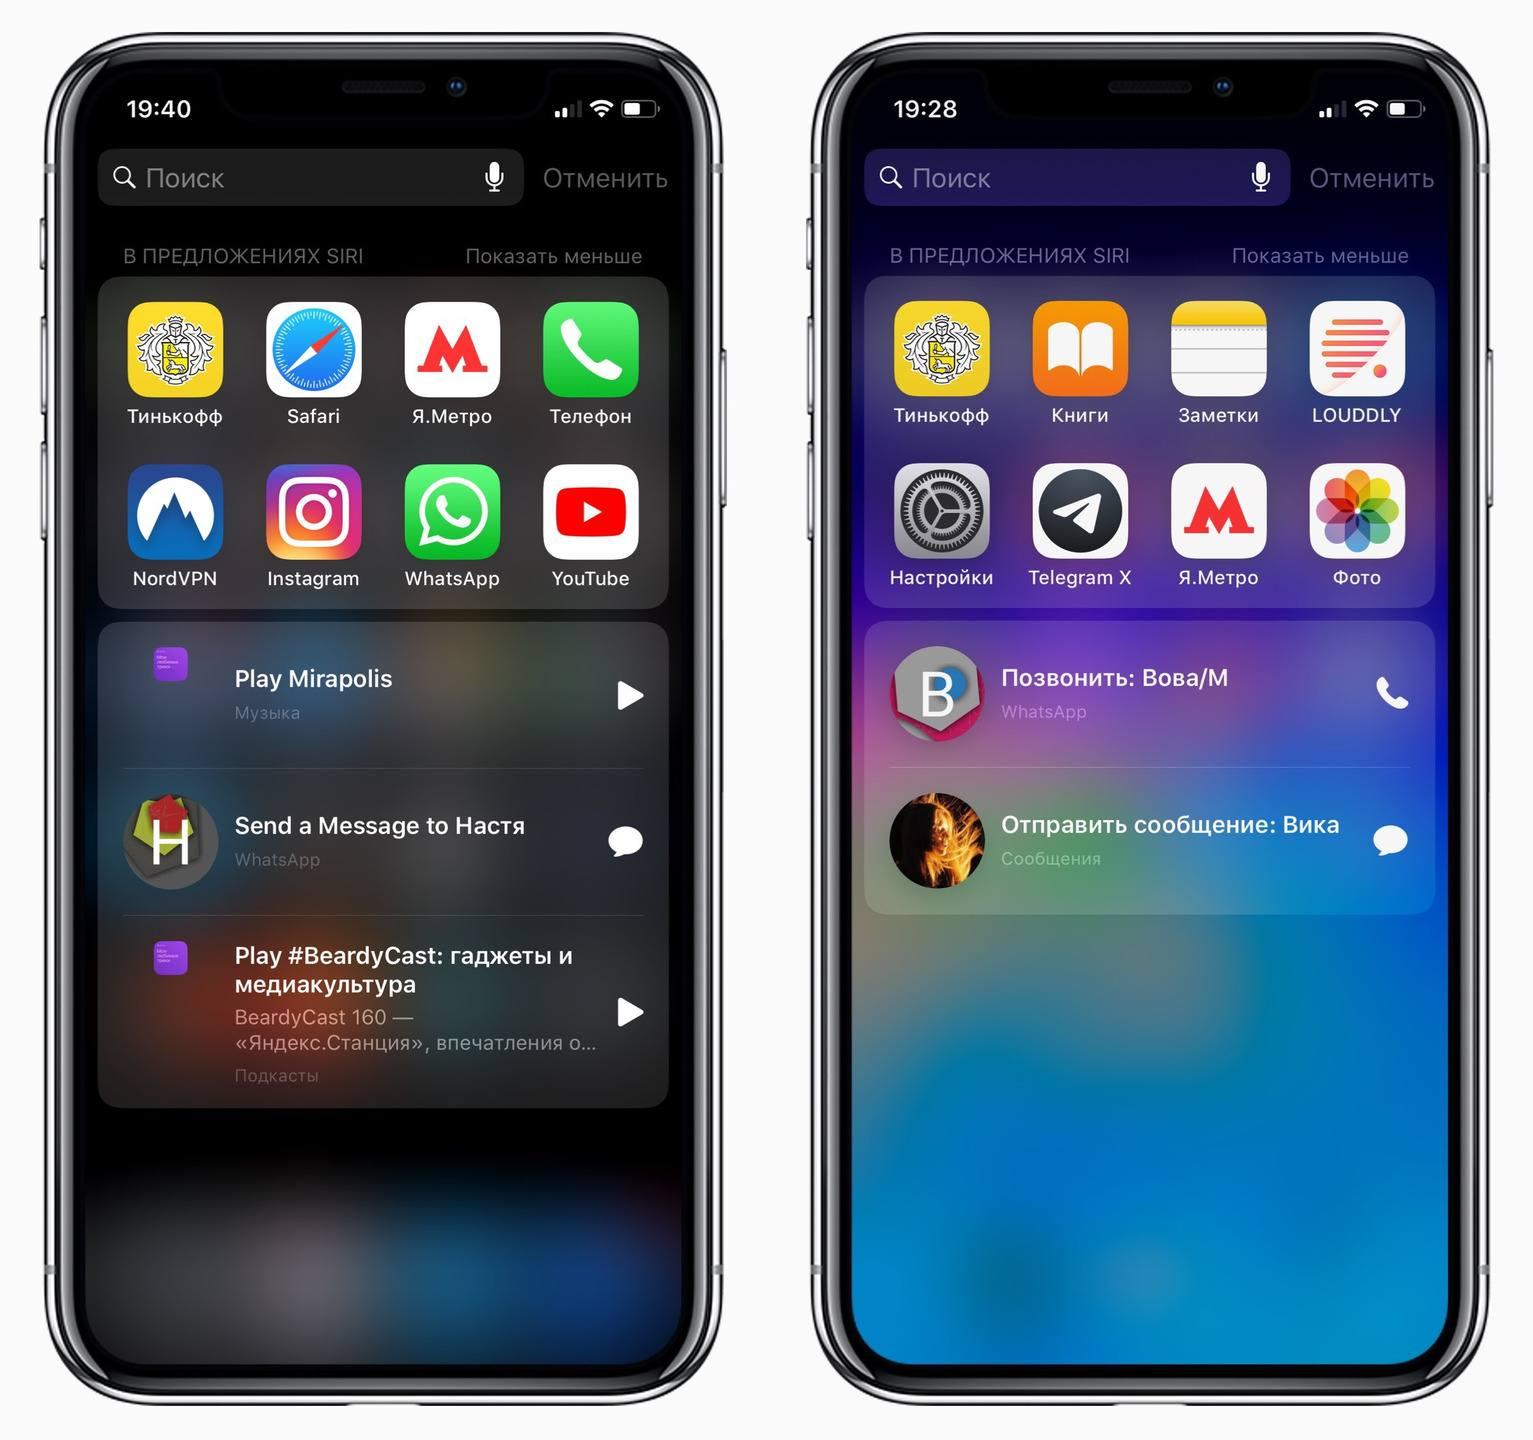 Предложения Siri в iOS 12